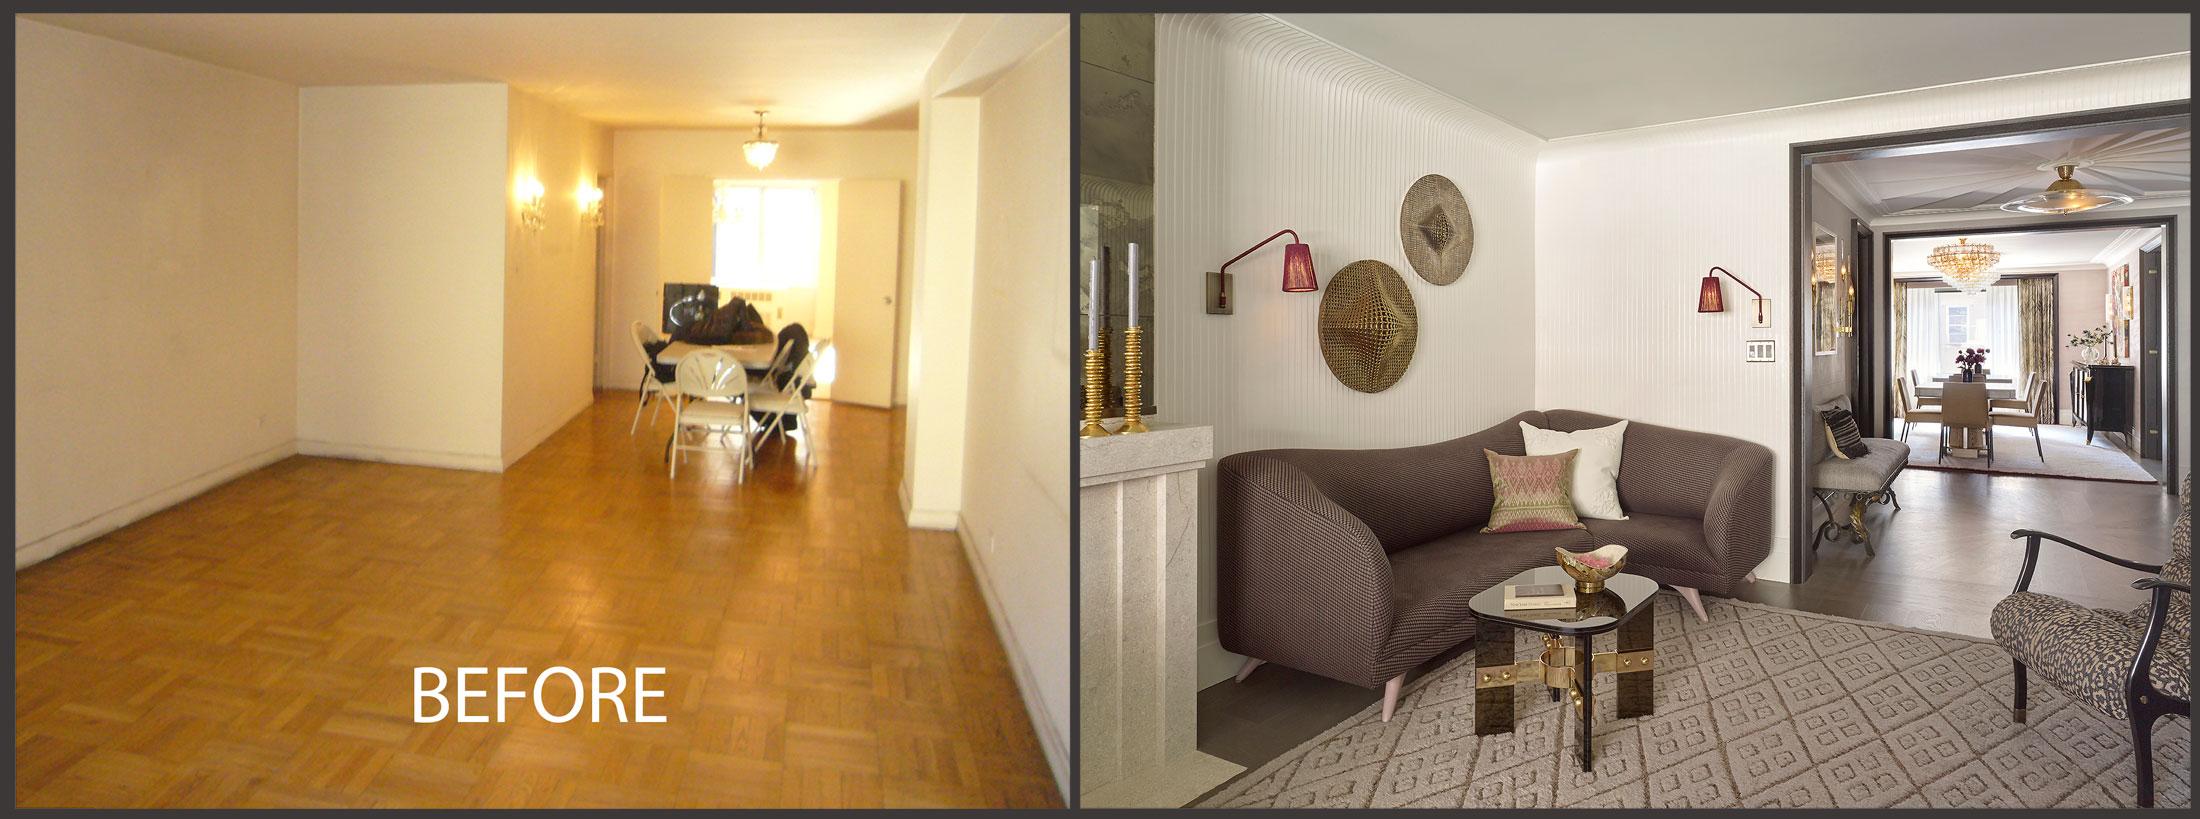 28-living-room-before-sbs.jpg